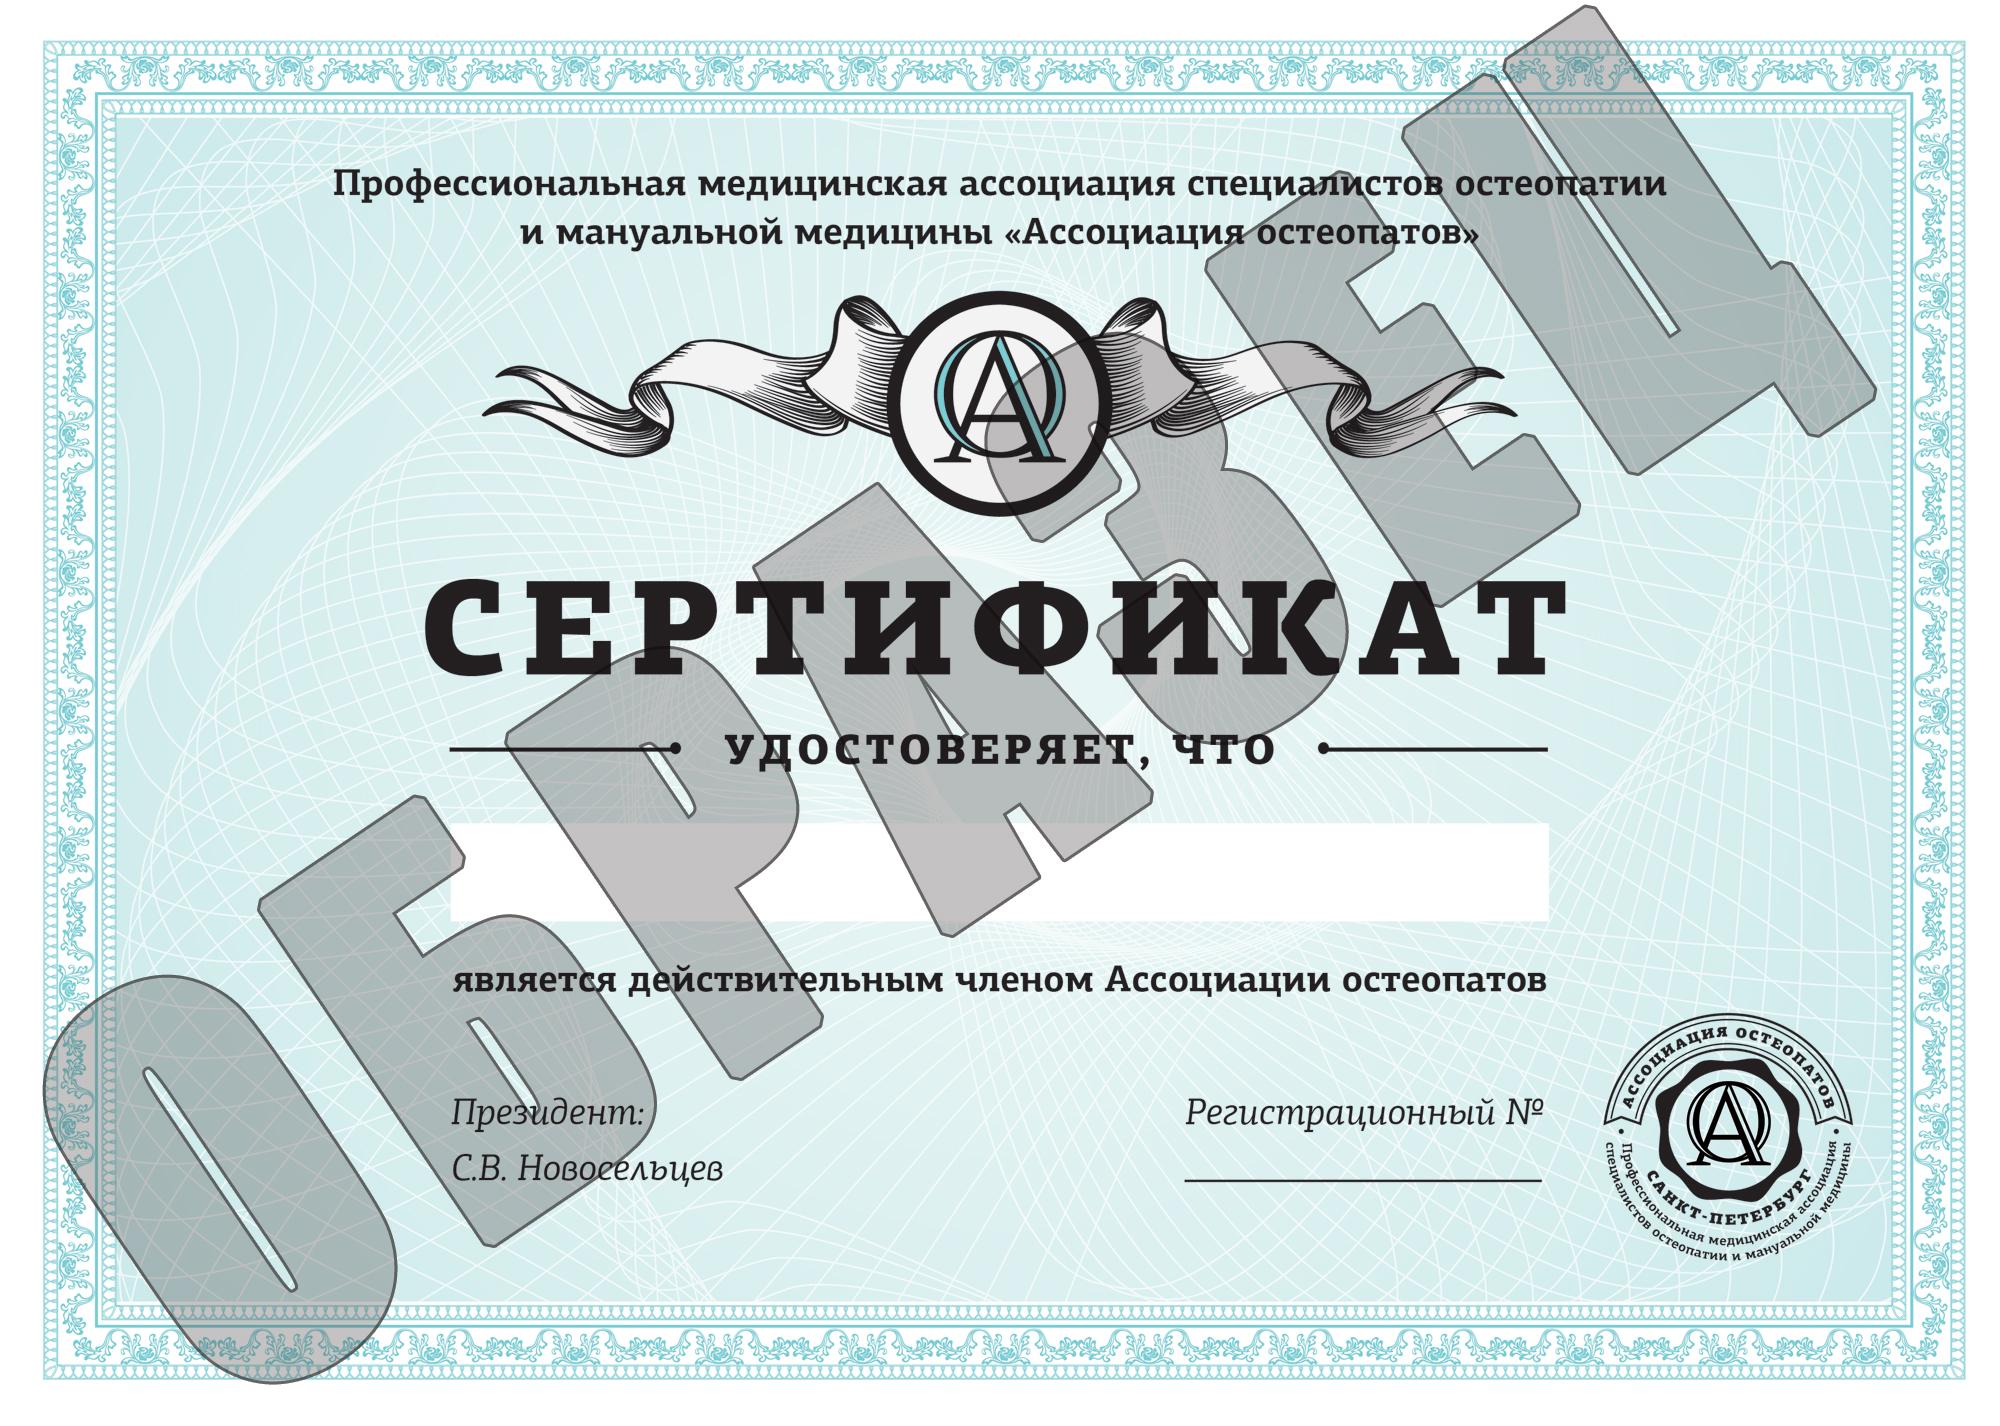 assotsiatsii-chleni-kotorih-obladayut